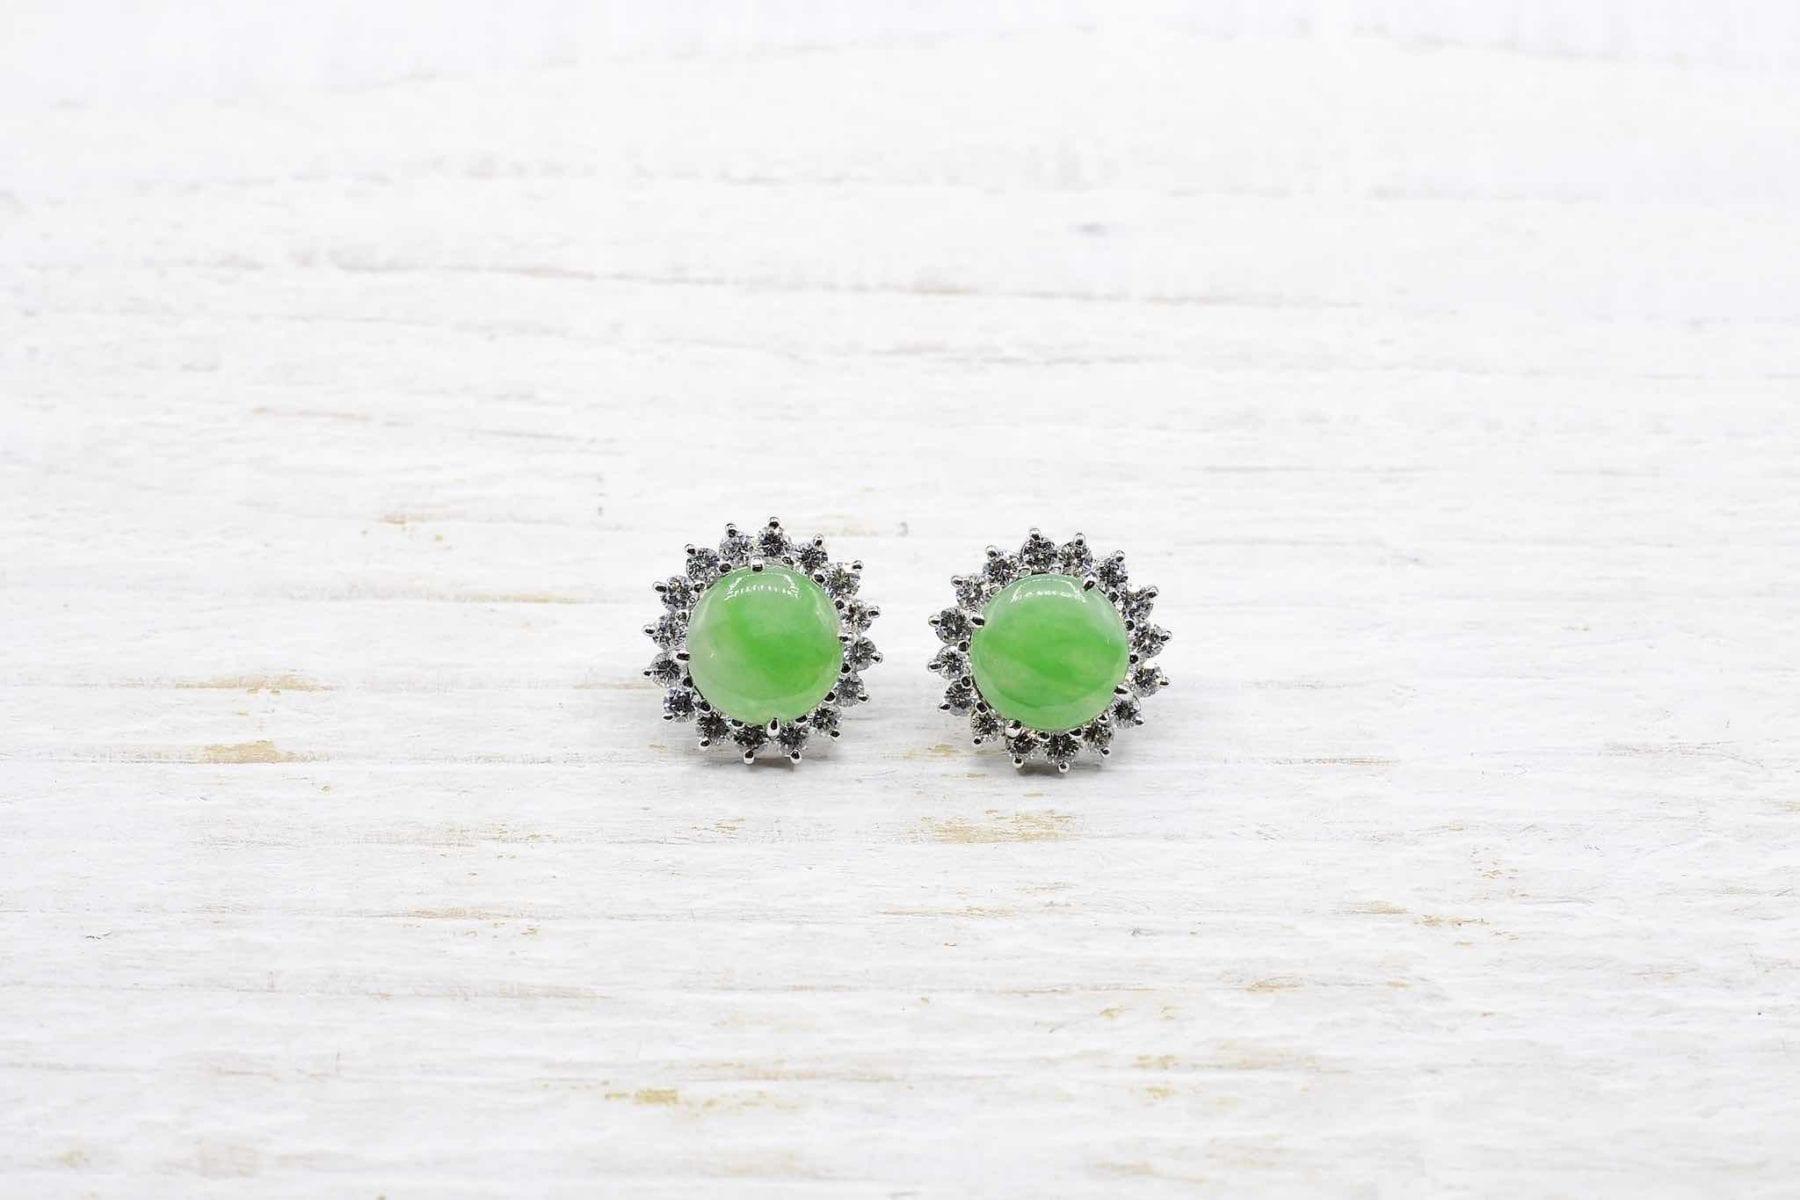 Boucles d'oreilles jade et diamants